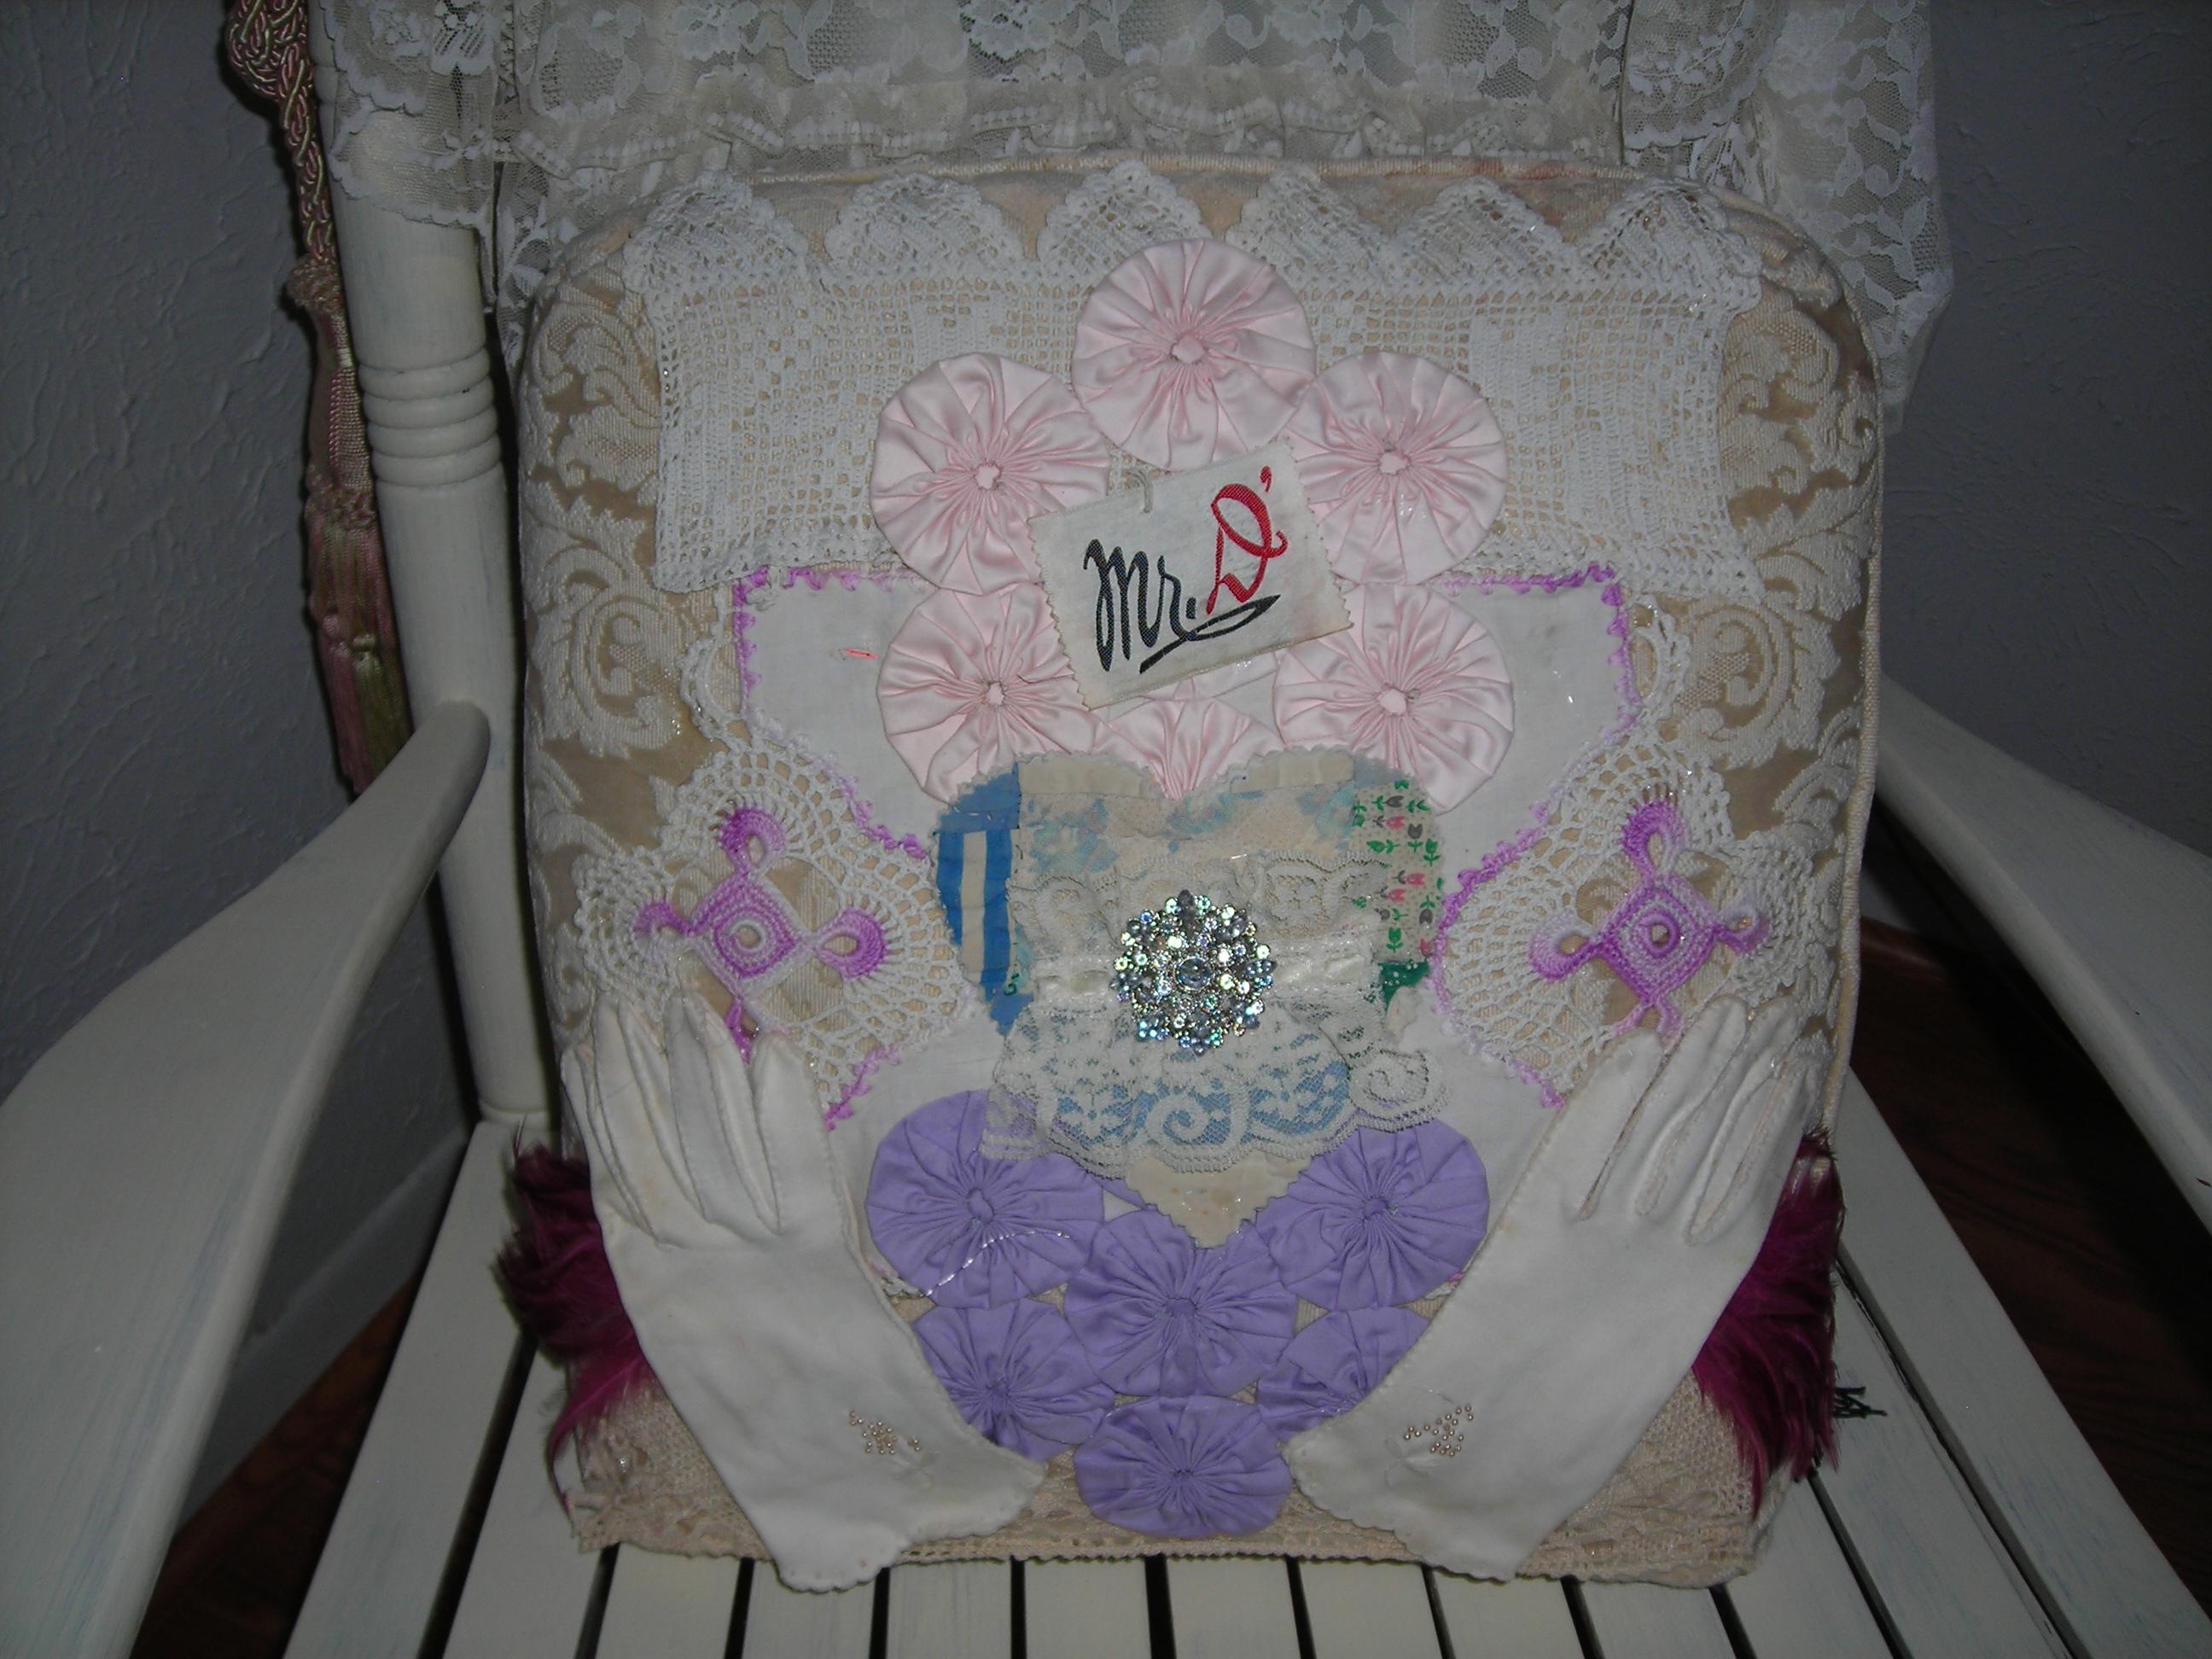 Sue's pillow art